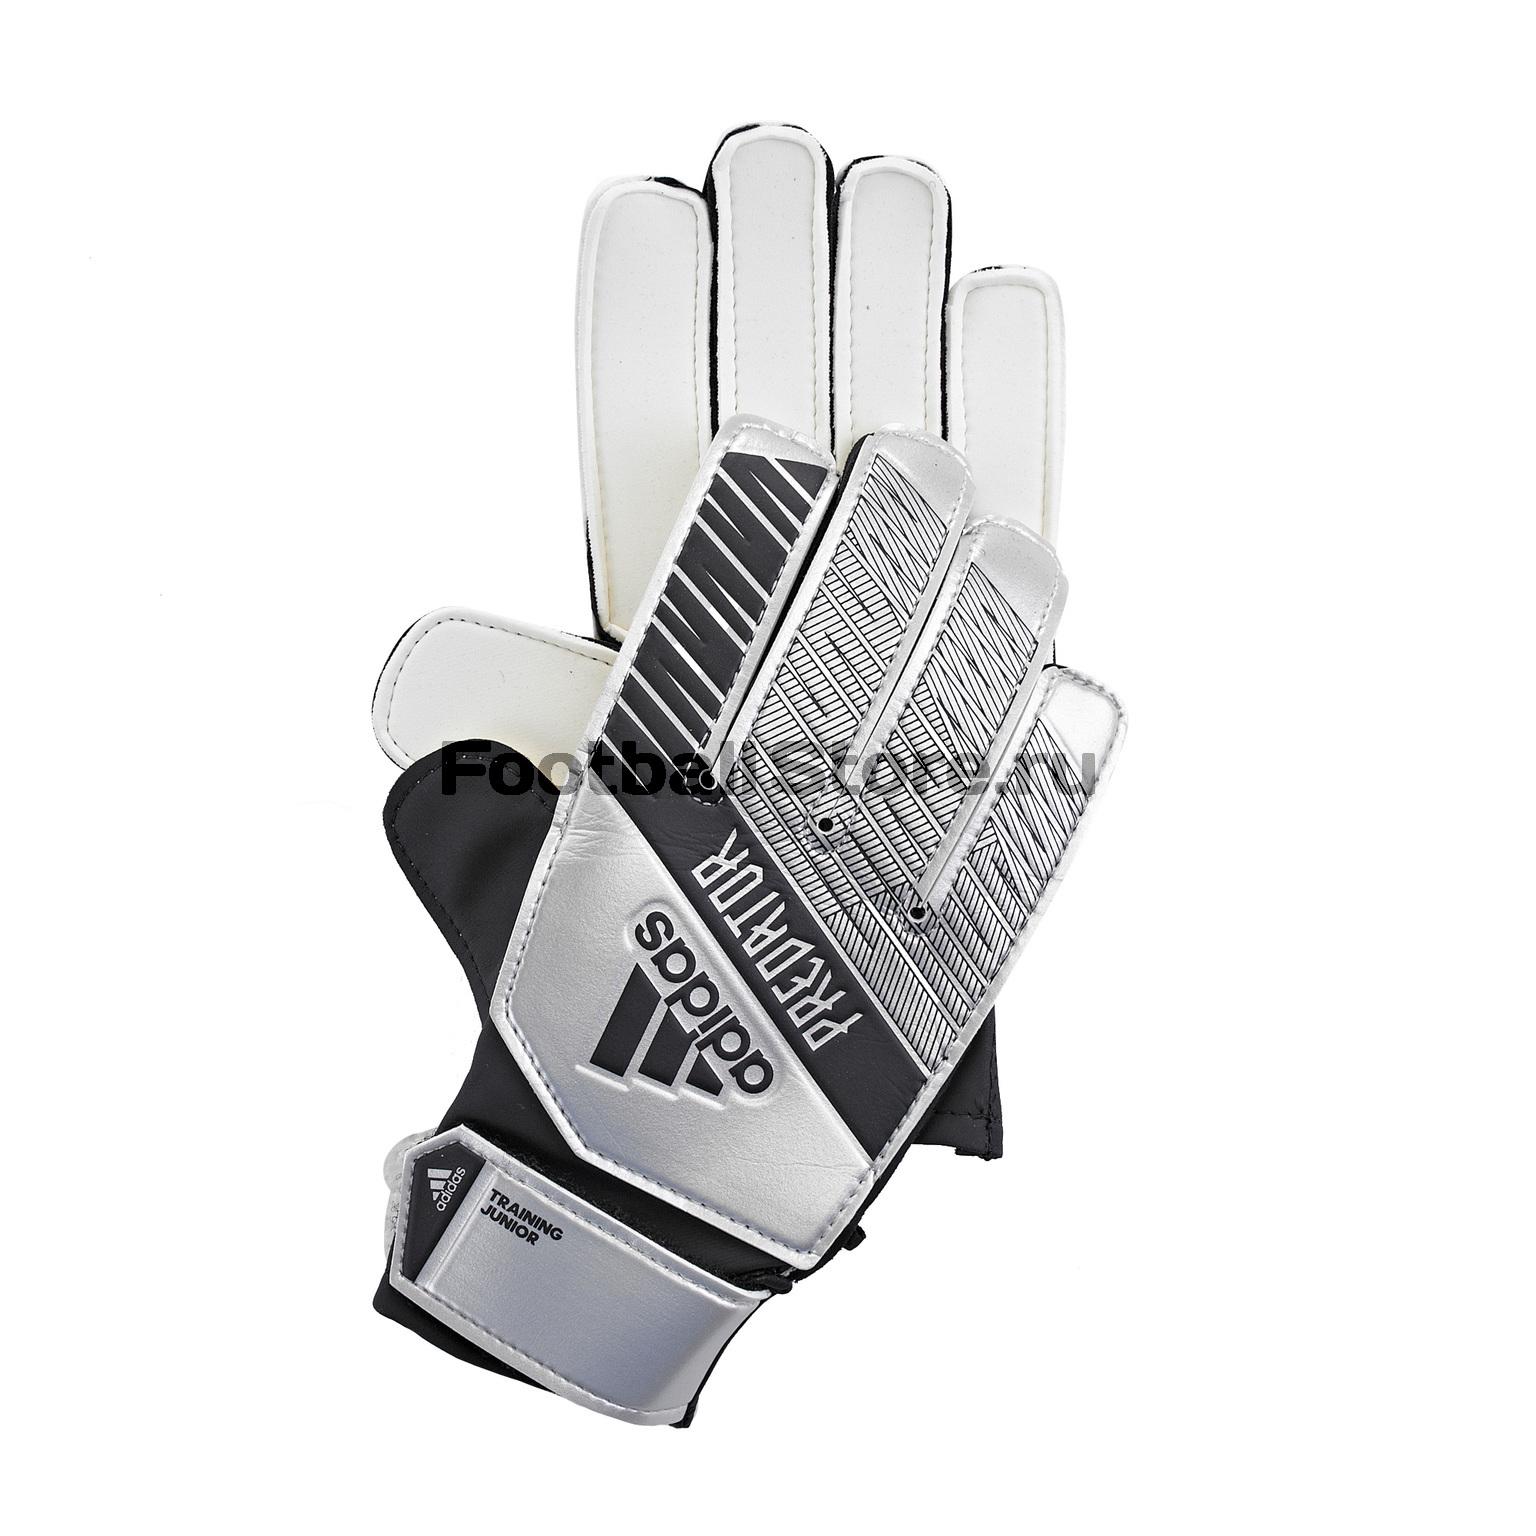 Перчатки вратарские детские Adidas Predator Training DY2609 перчатки вратарские adidas classic lite ap7011